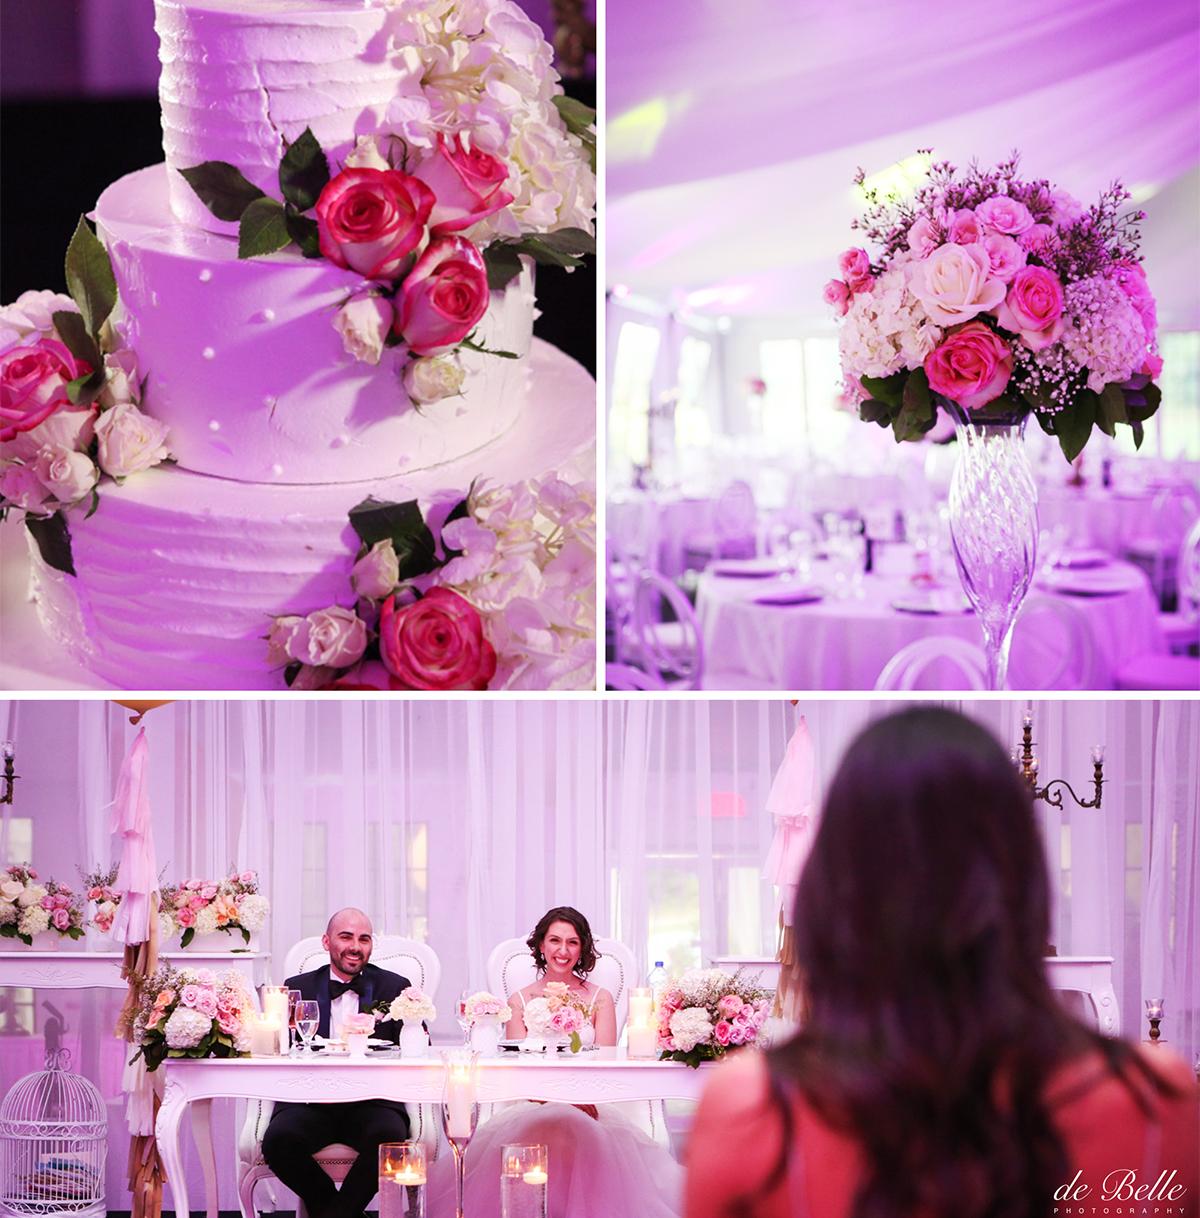 Montreal-Wedding-Photographer-Debelle-SD12